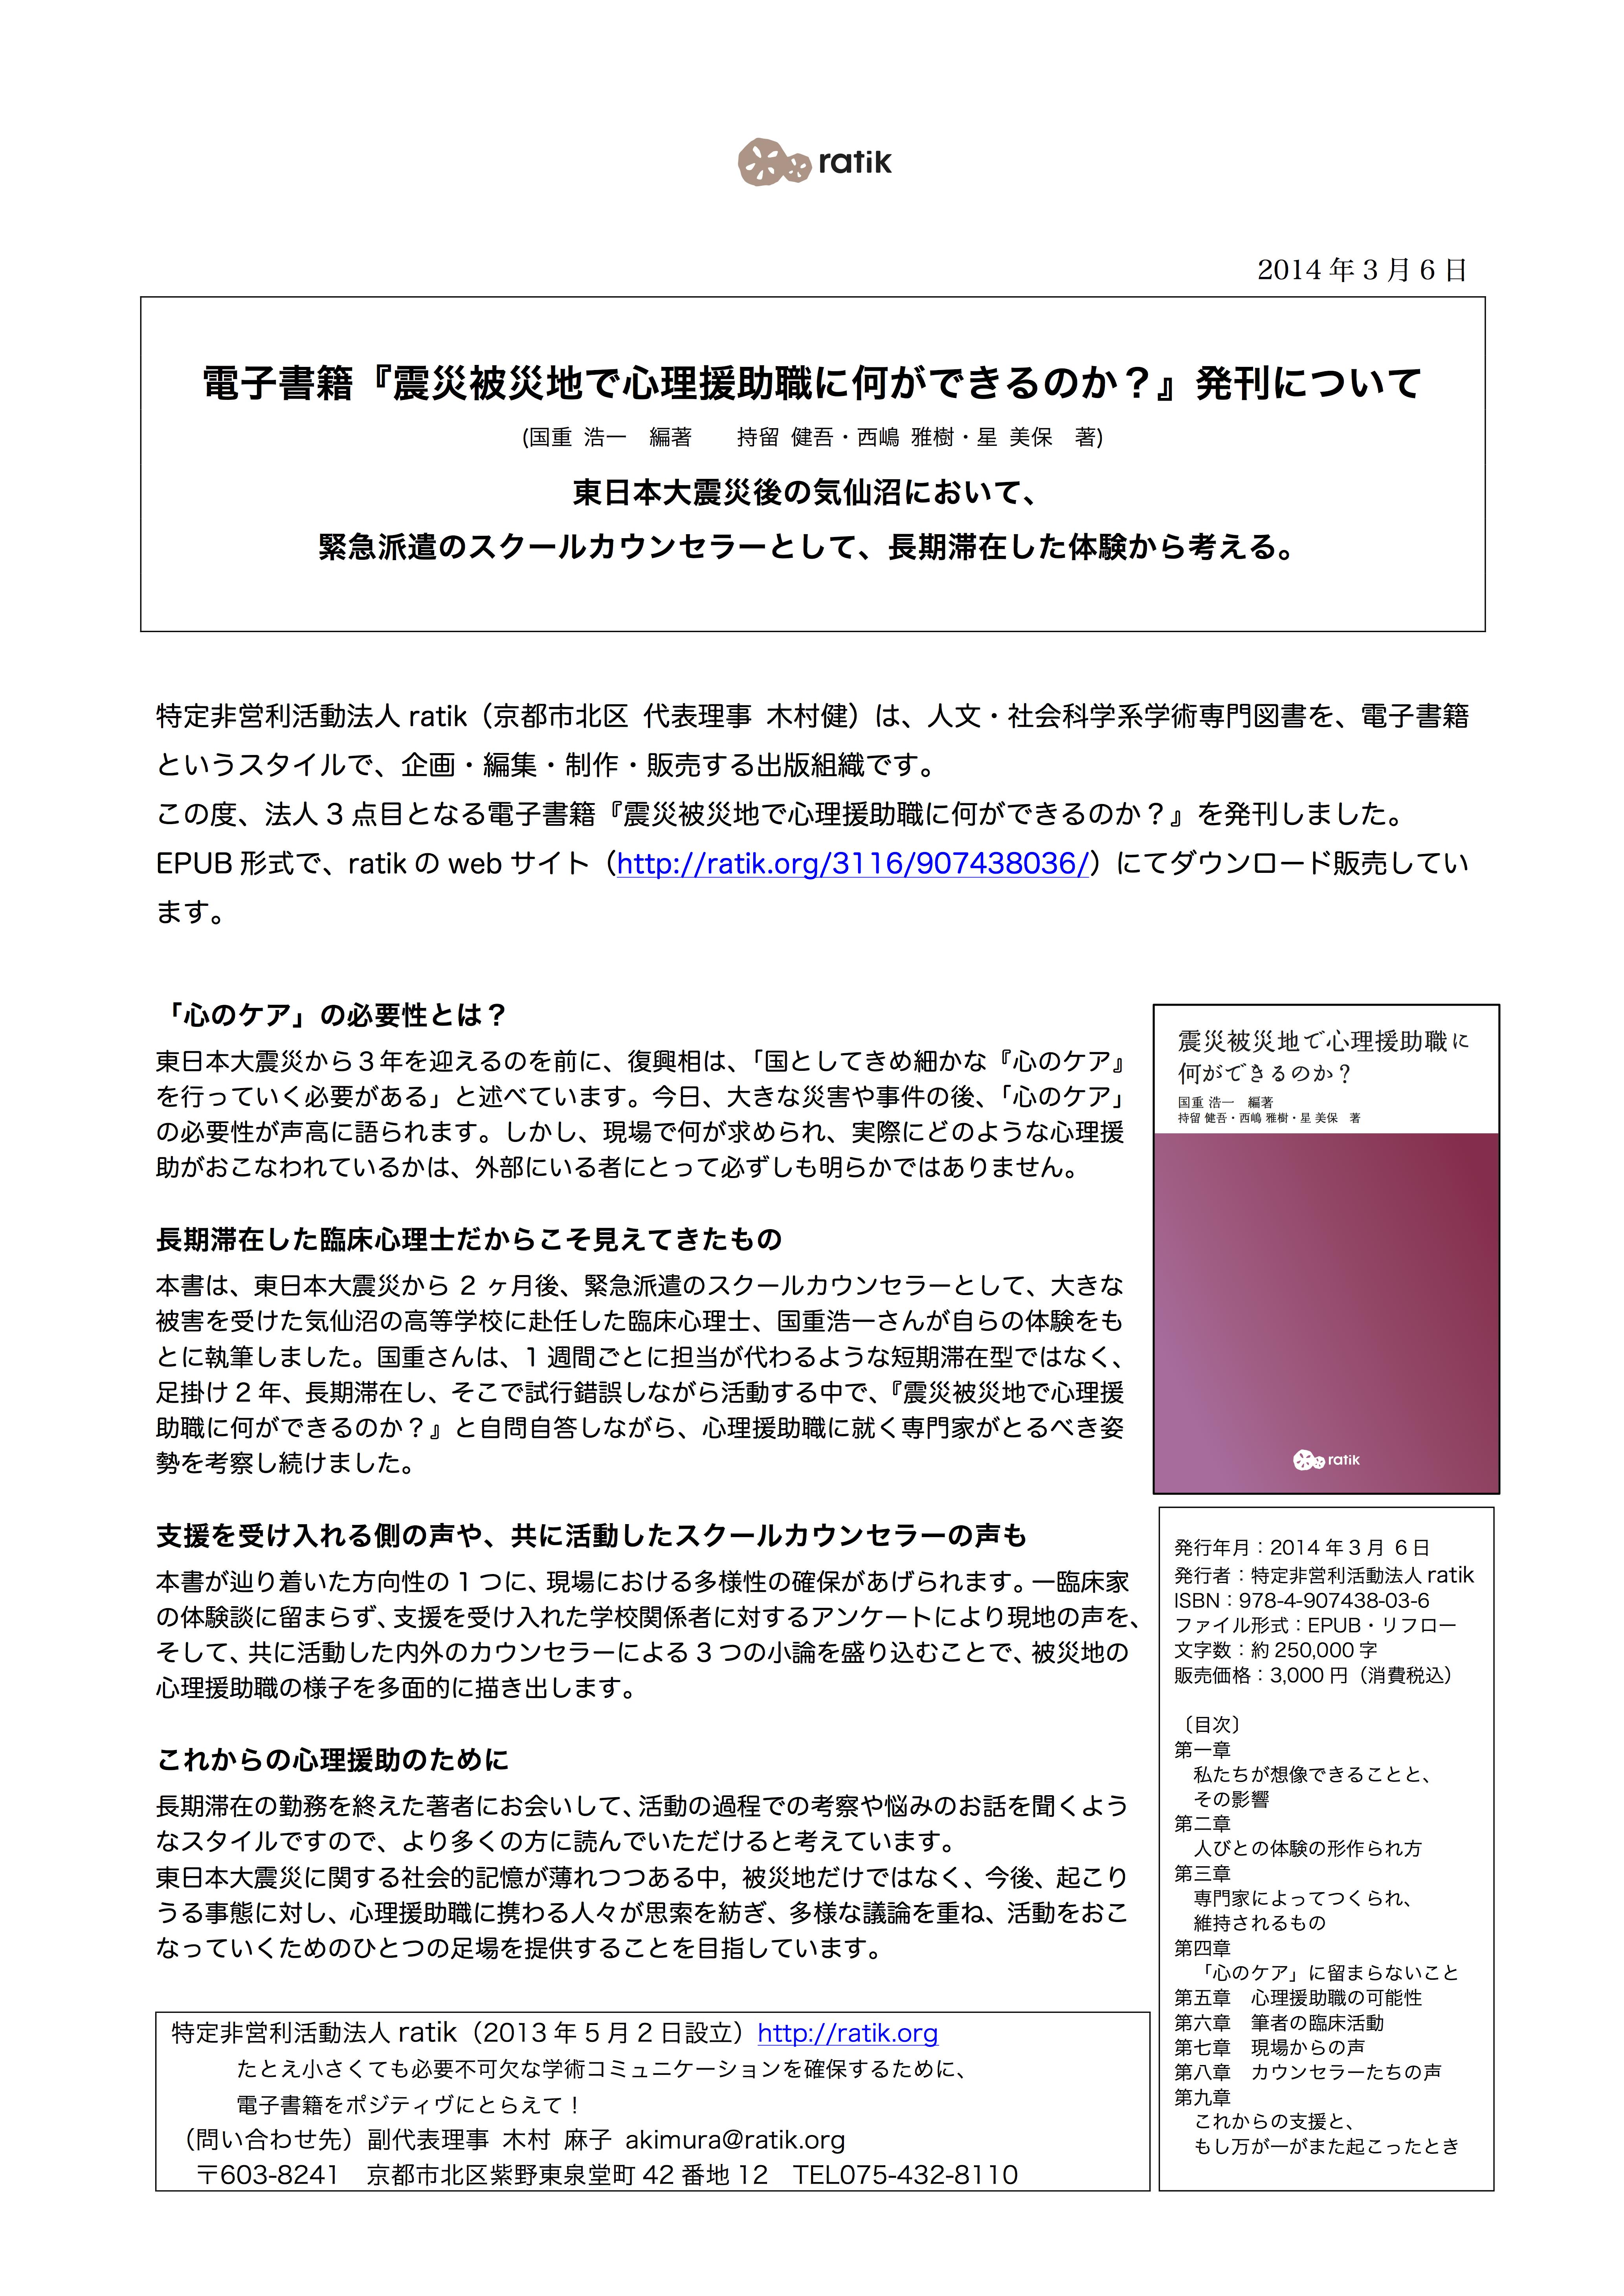 ニュースリリース20140306